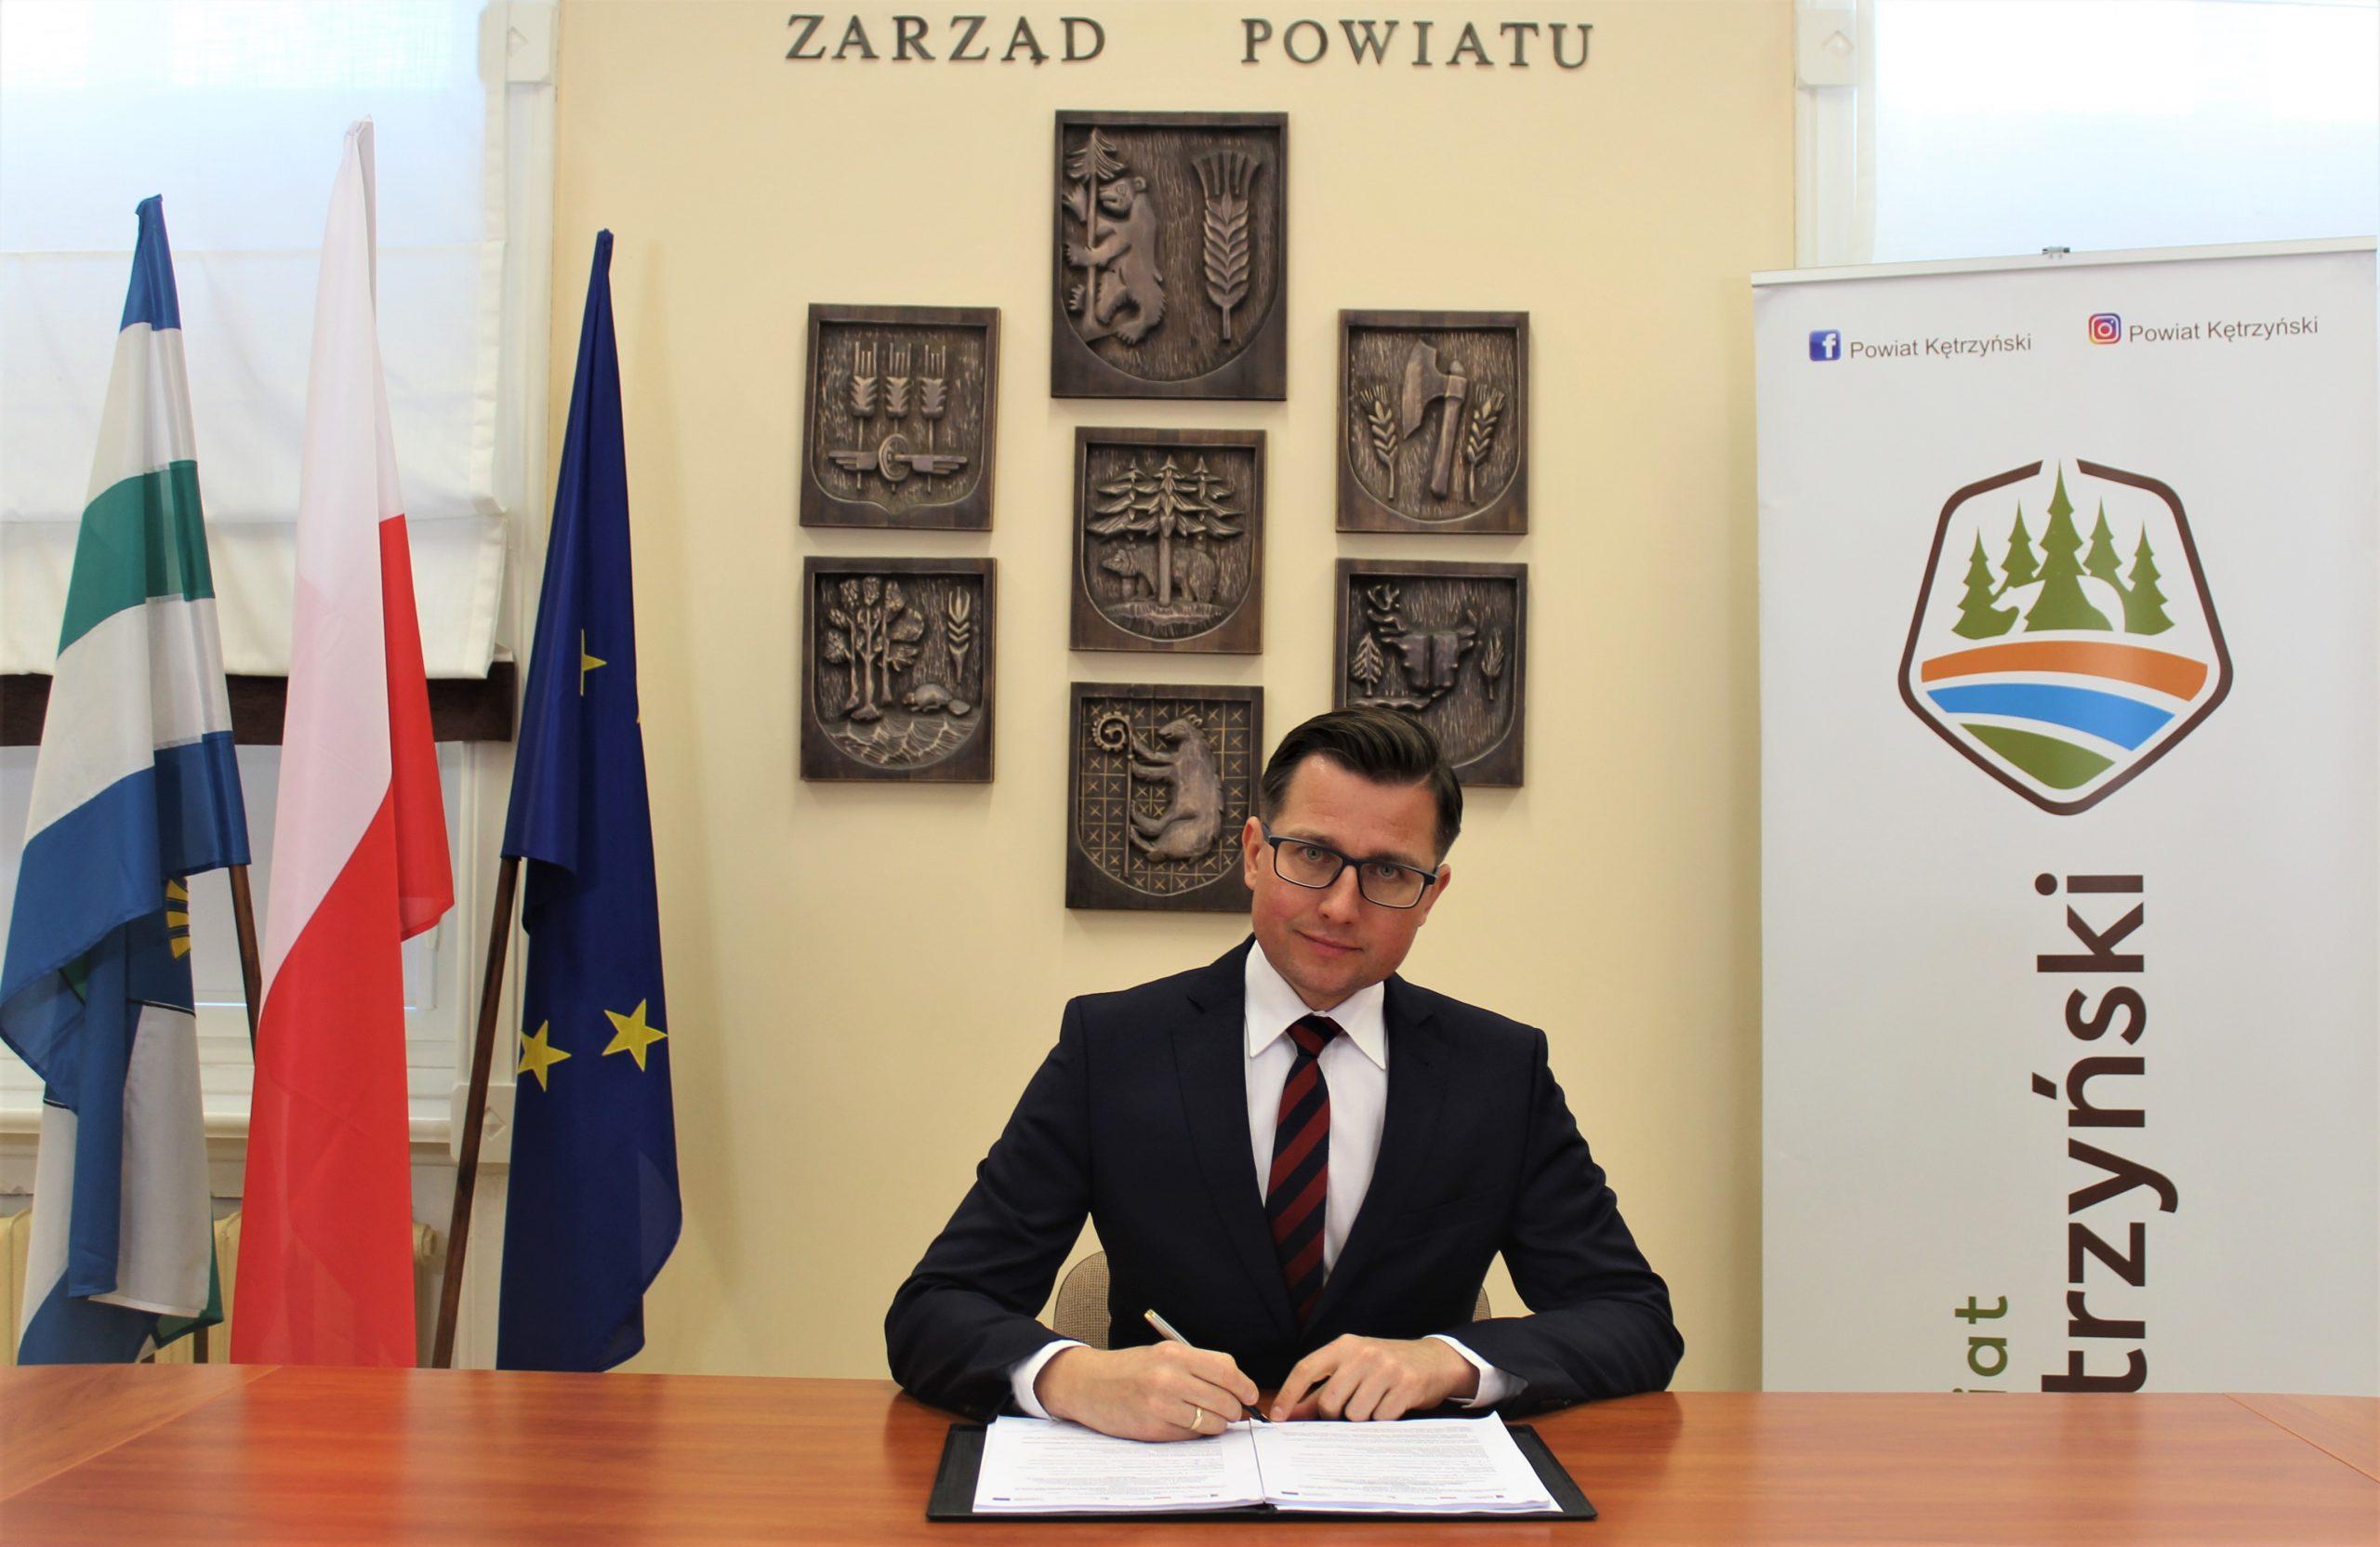 Zdjęcie przedstawia starostę kętrzyńskiego Michała Kochanowskiego podpisującego umowę o dofinansowanie